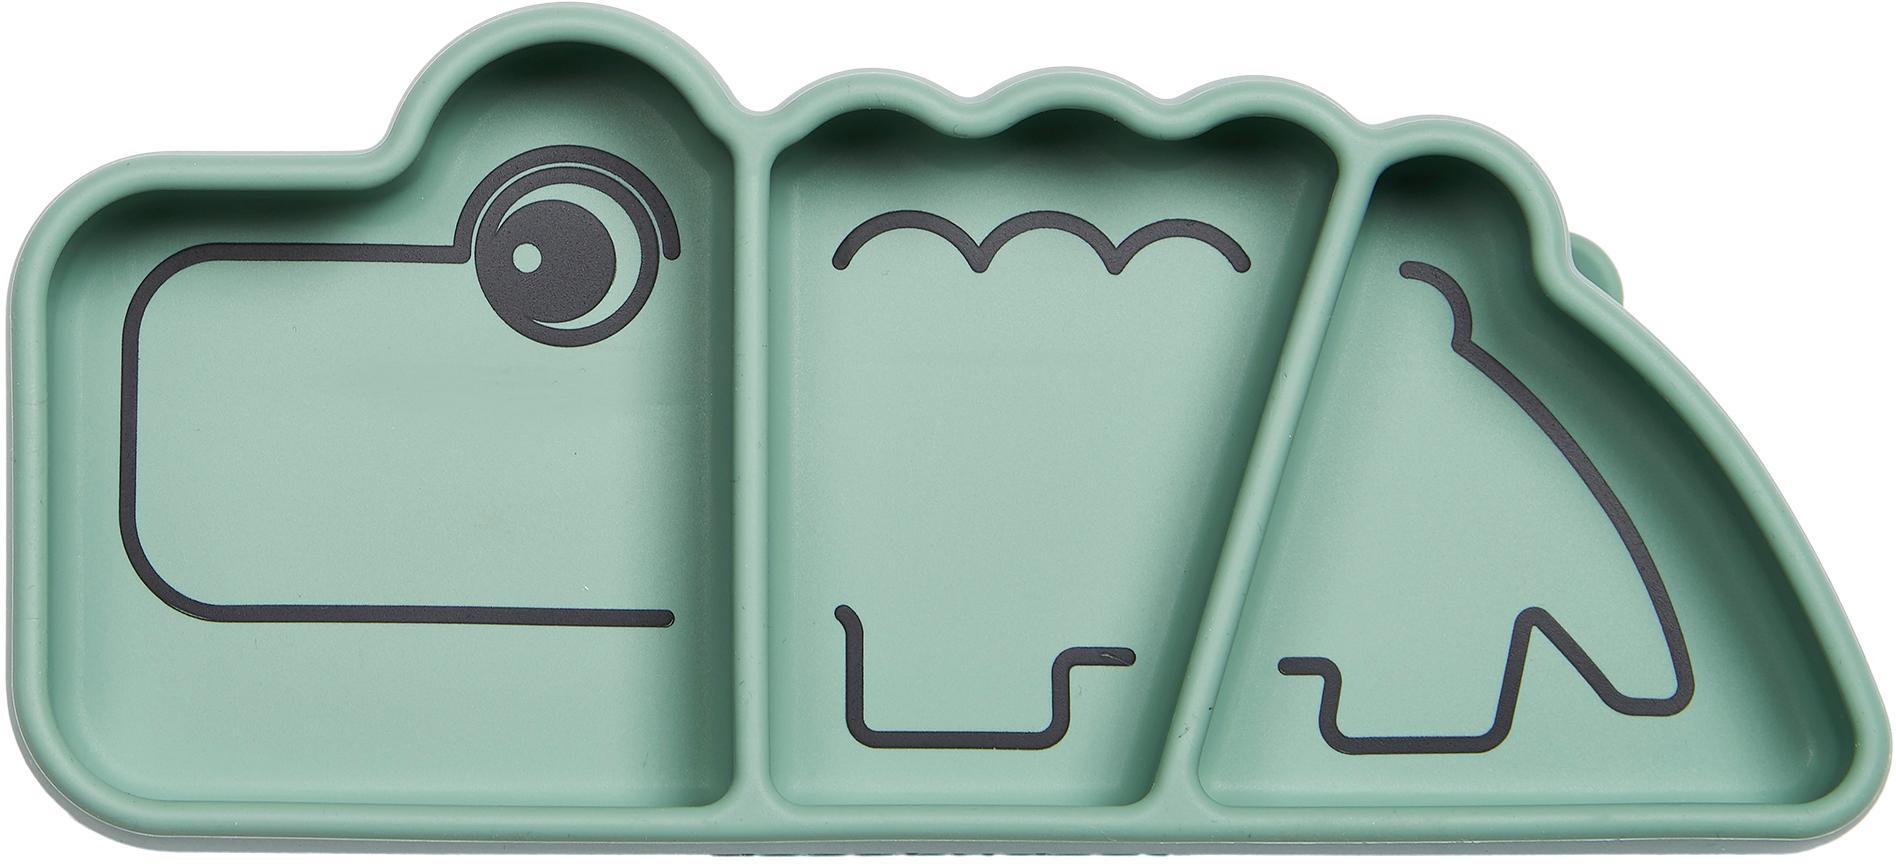 Talerz na przekąski Stick & Stay Croco, Silikon, bezpieczny dla żywności Silikon jest miękki, trwały, odporny na ciepło i nadaje się do użytku w kuchence mikrofalowej, piekarniku i zamrażarce, Zielony, S 21 x W 3 cm